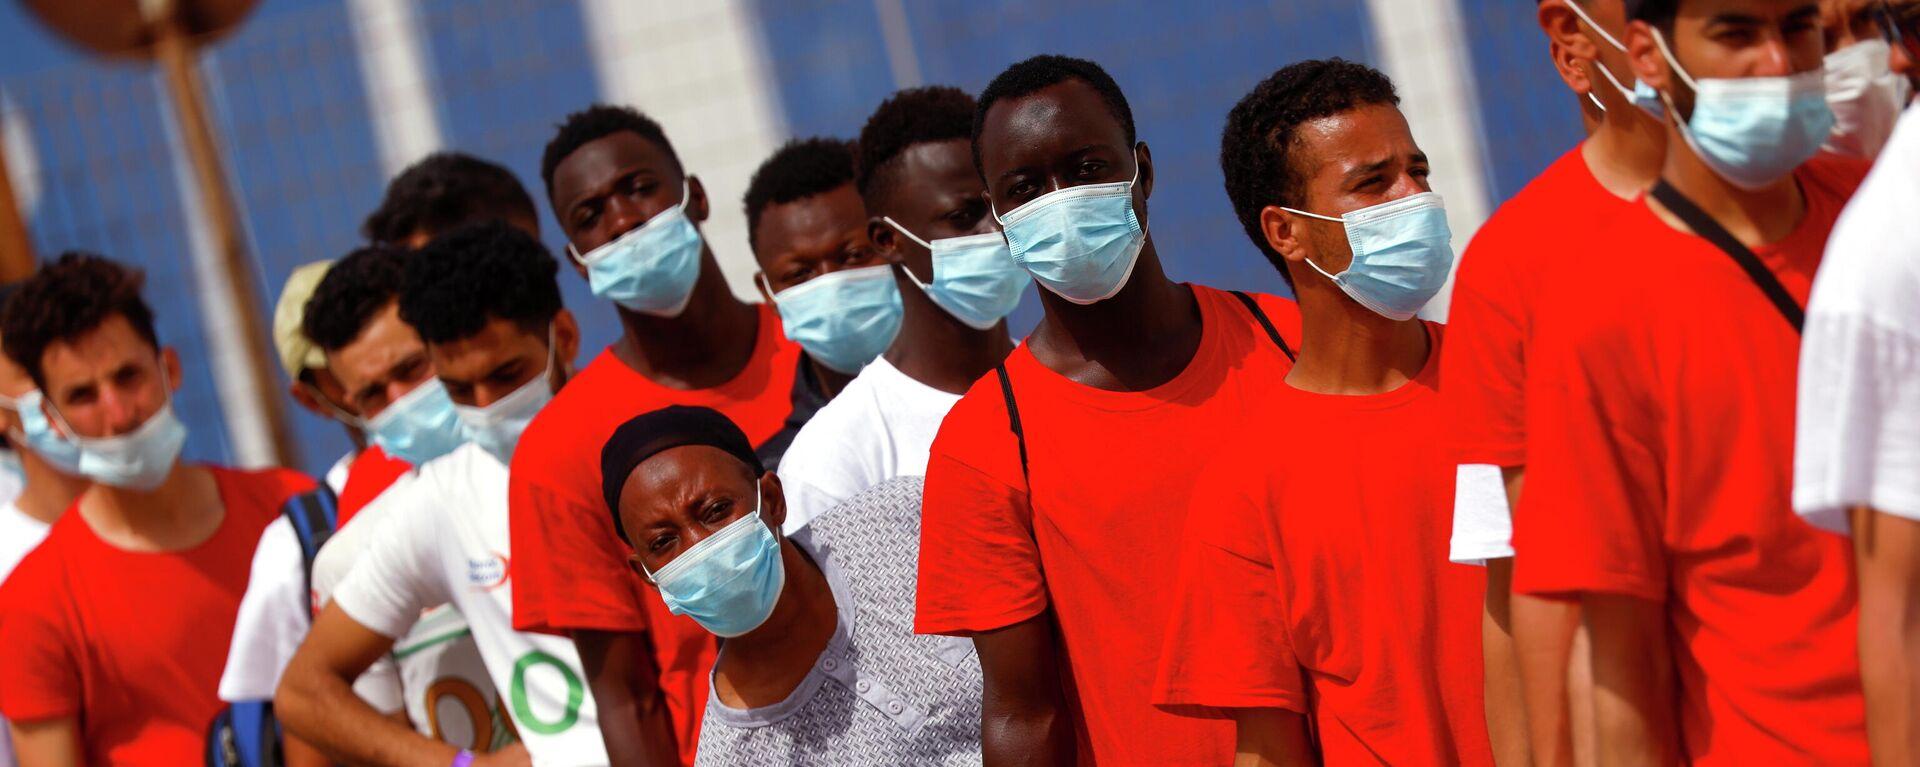 Migranten treffen auf Lampedusa ein - SNA, 1920, 17.07.2021